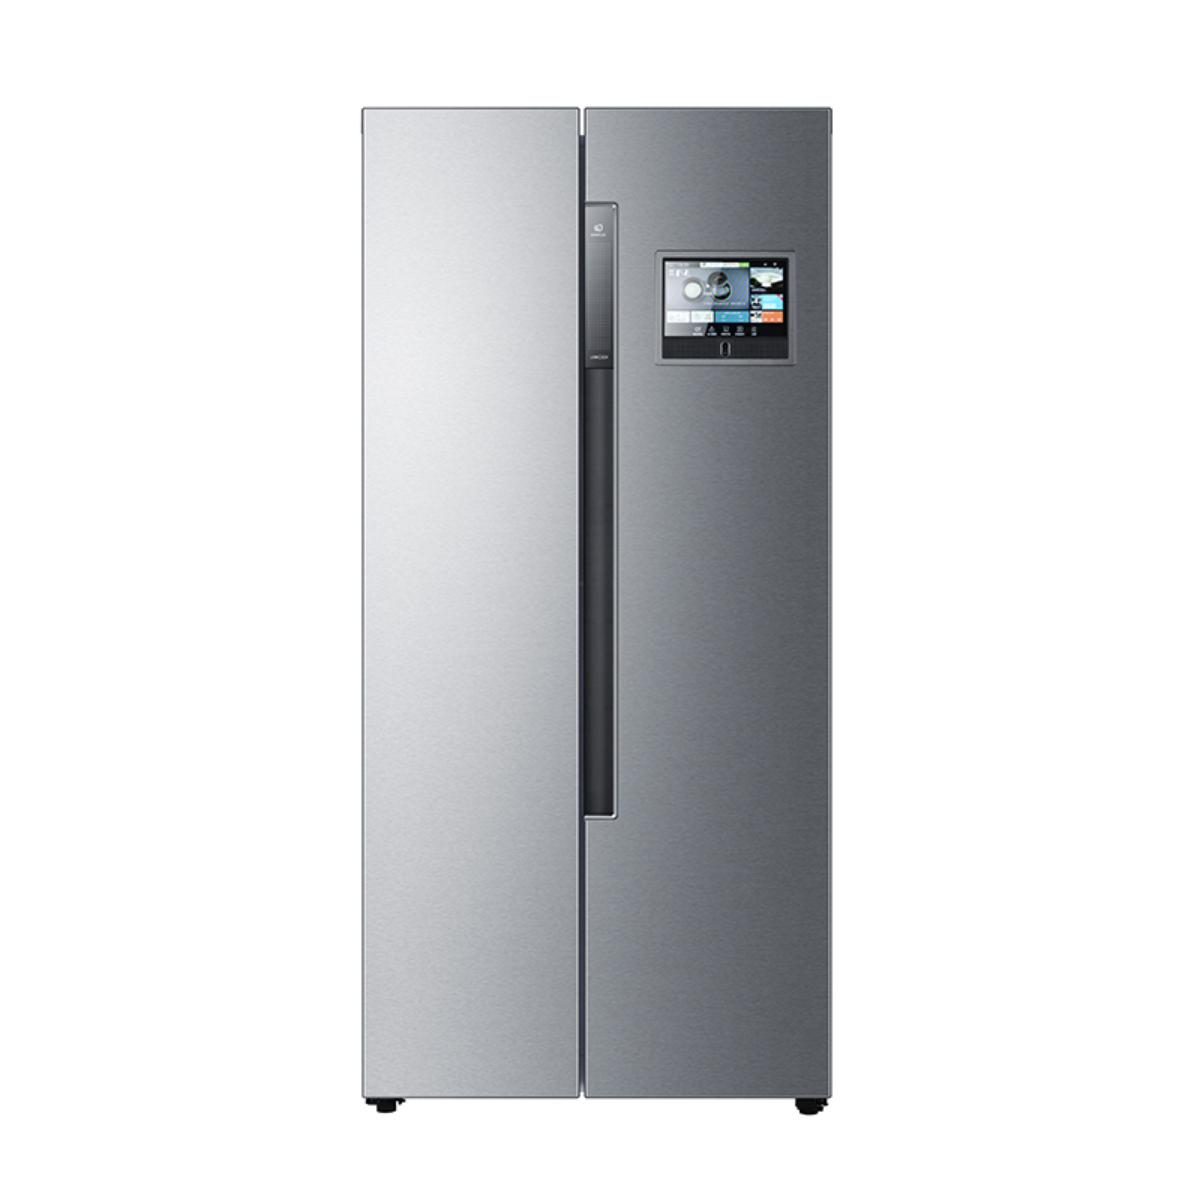 冰箱如何正确除霜 冰箱除霜方法讲解-海尔知识堂